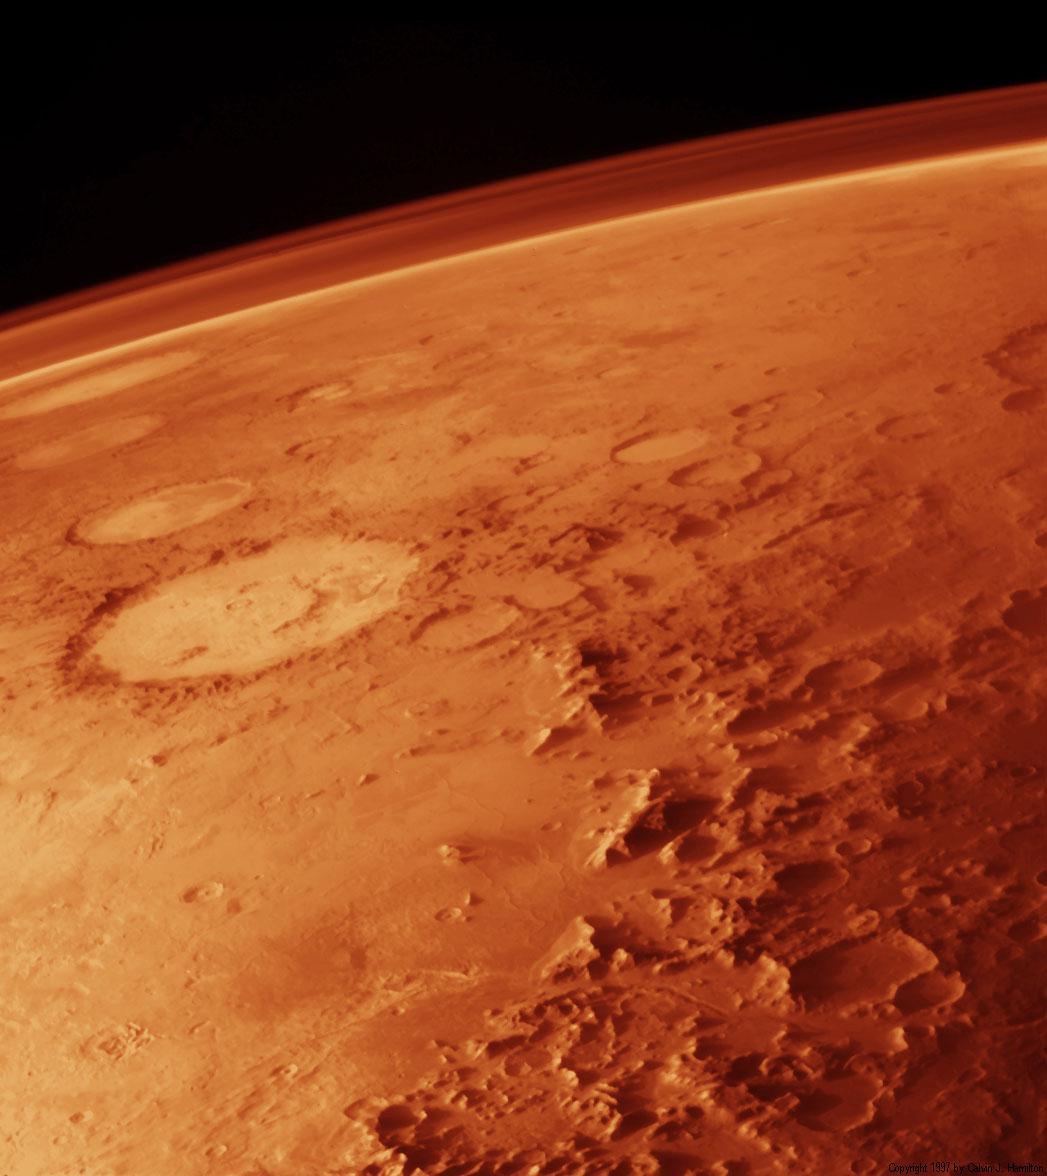 pourquoi la planete mars est elle rouge